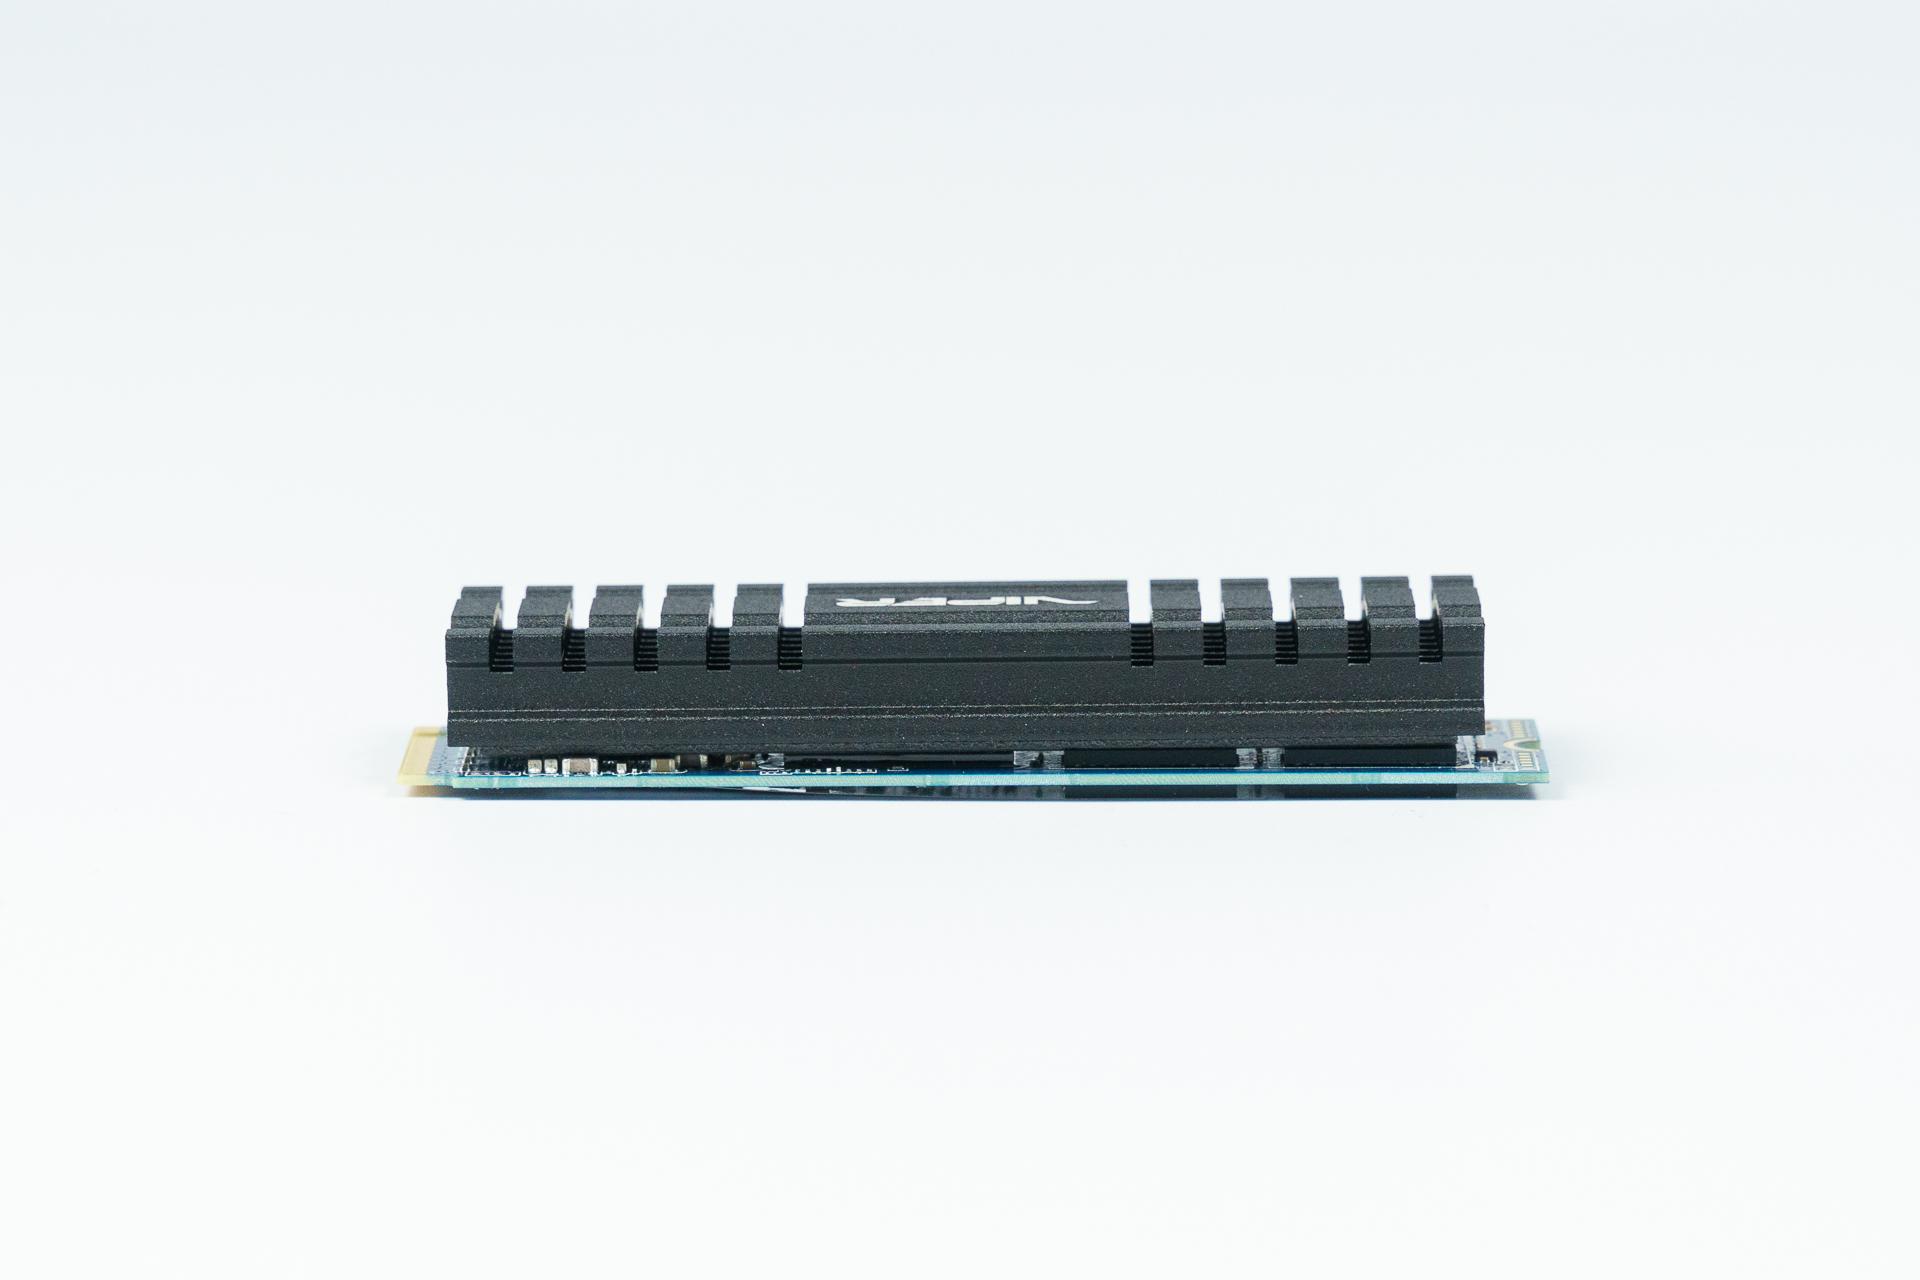 Recenzja Patriot Viper VPN100 - czy SSD powinien mieć chłodzenie? 42